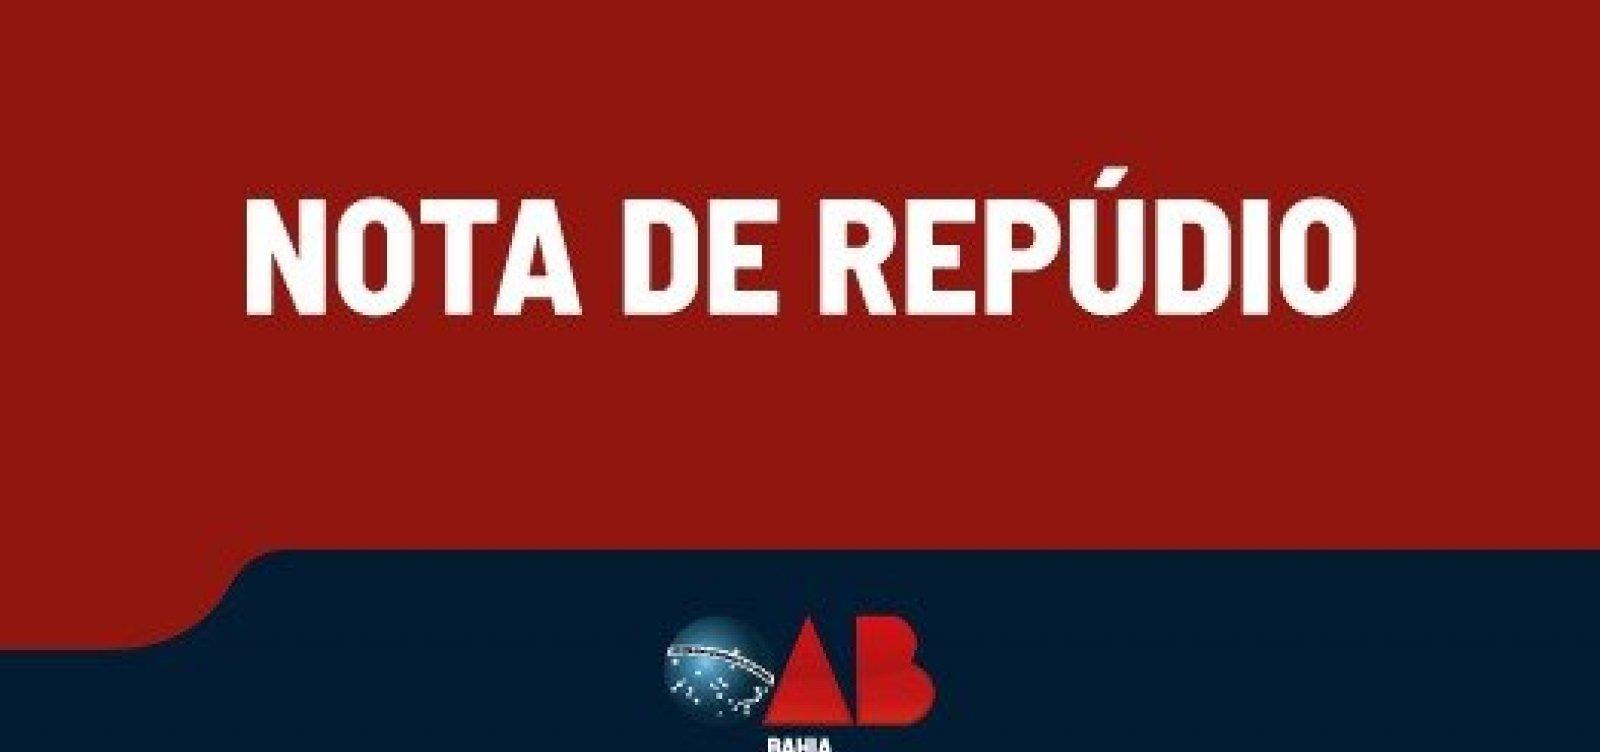 OAB-BA emite nota de repúdio às agressões de Vilas-Boas contra chef de restaurante